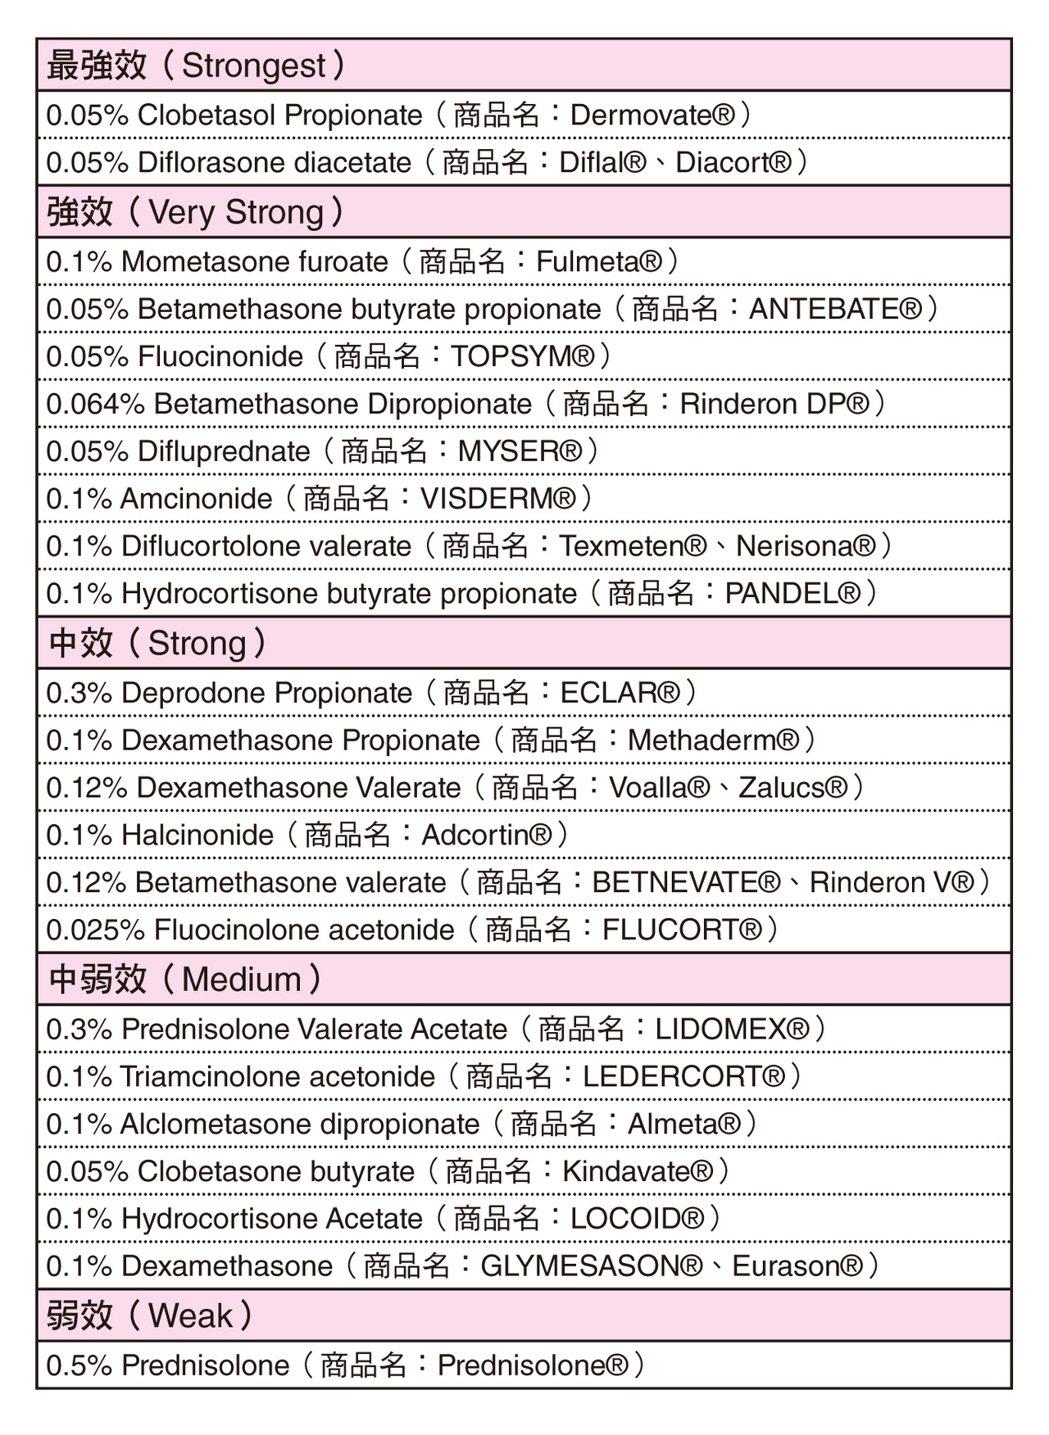 外用類固醇強度分級表(日本) 表/摘自《自己的皮膚自己救!》